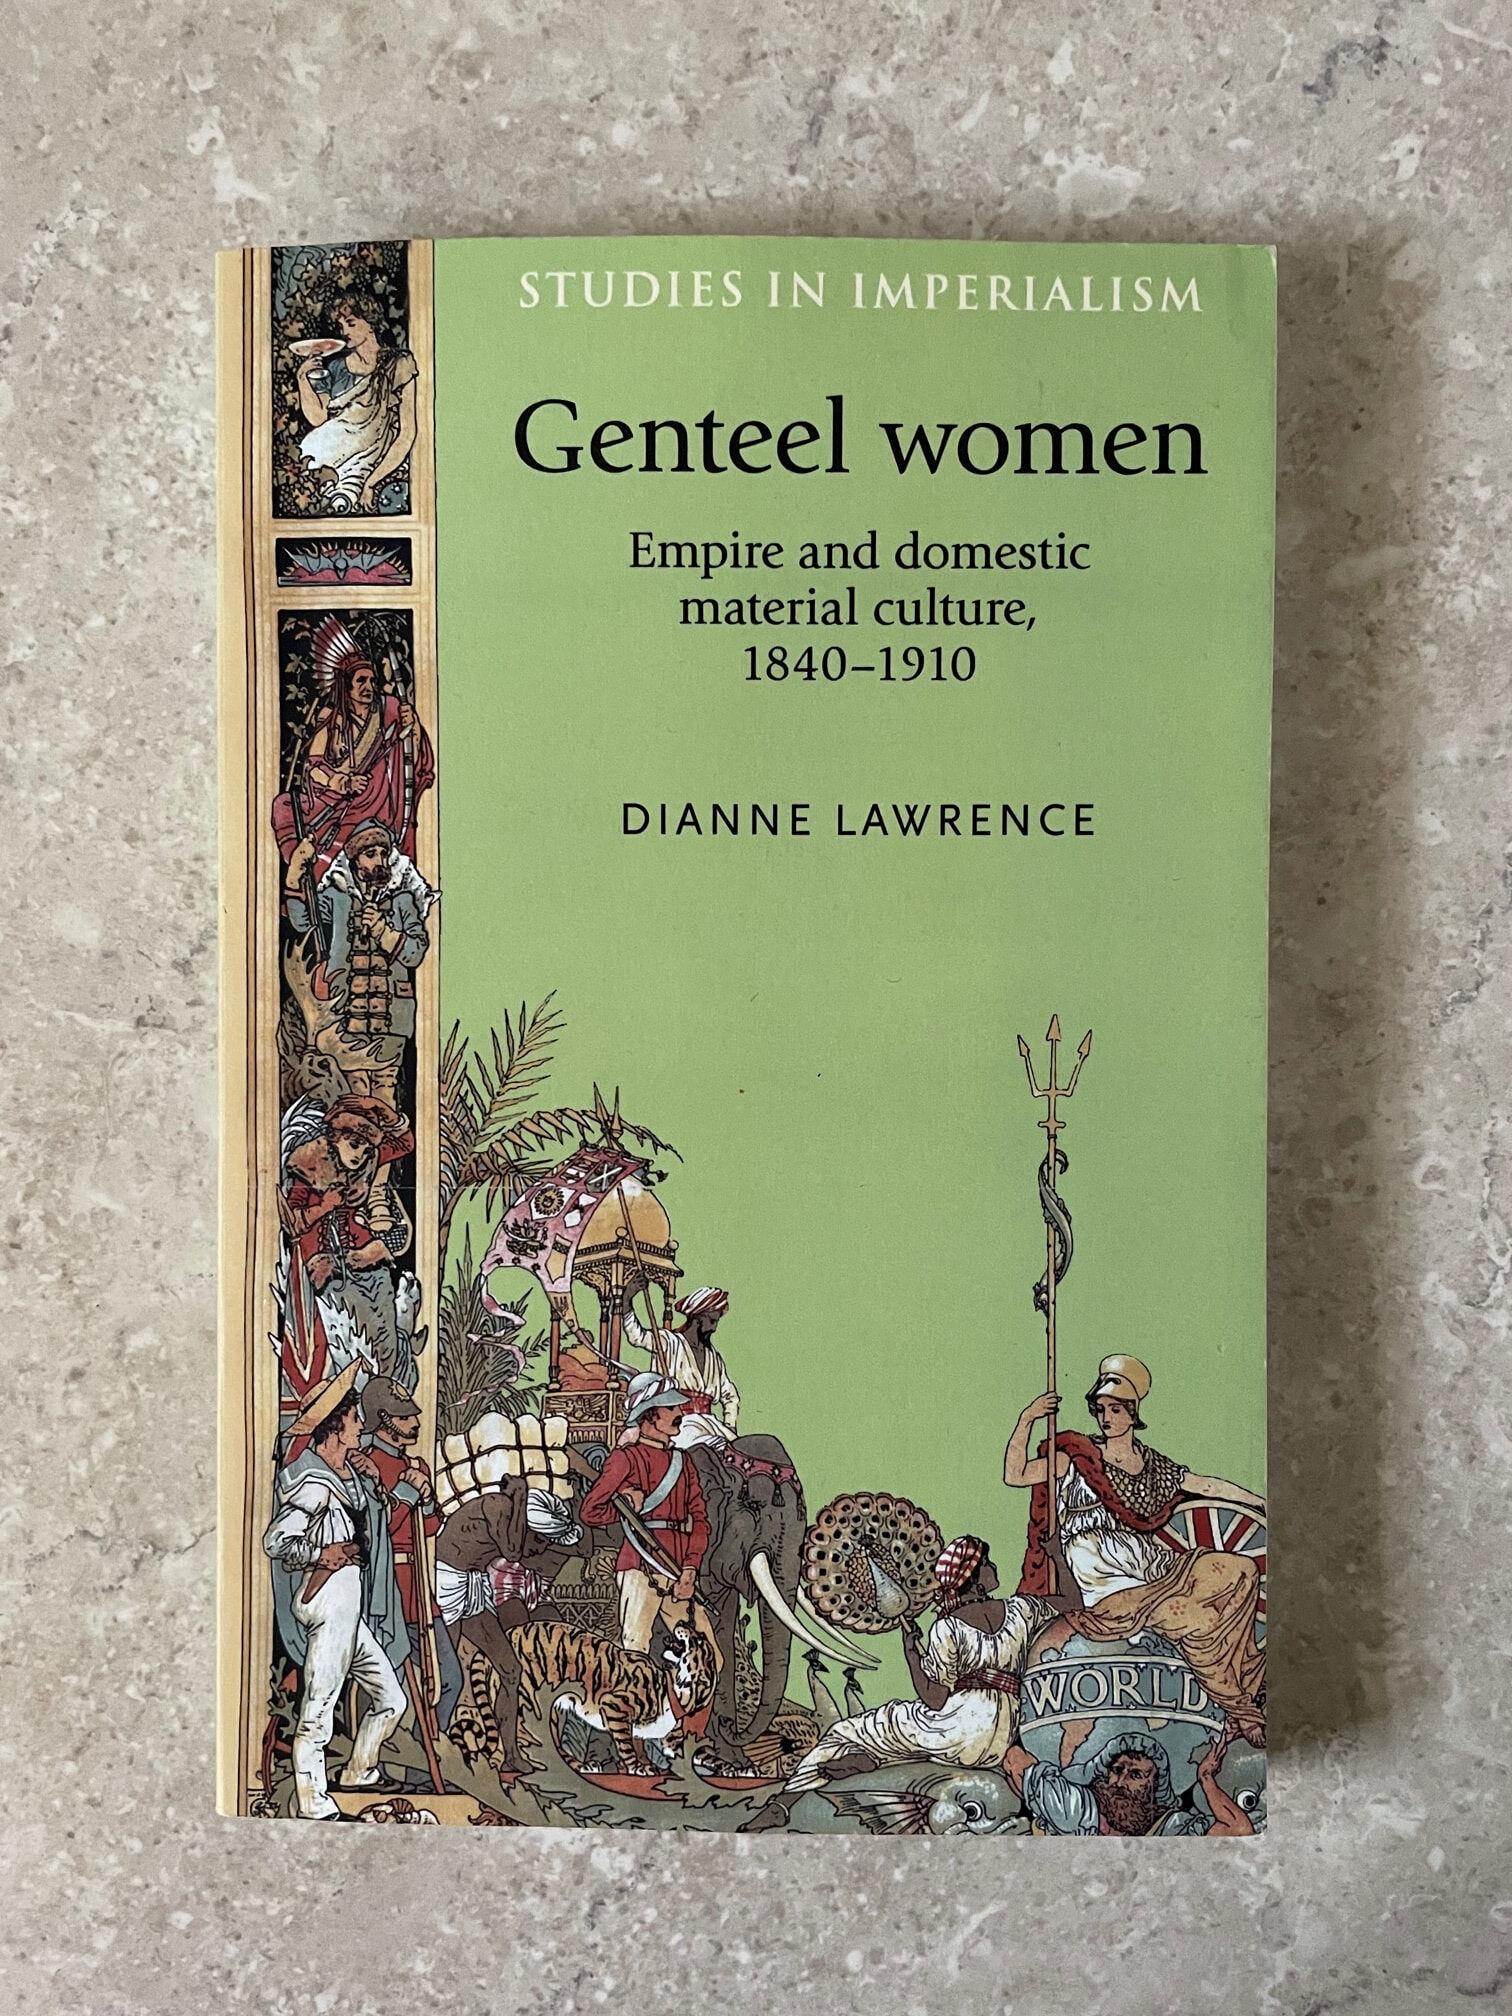 Genteel Women: Dianne Lawrence